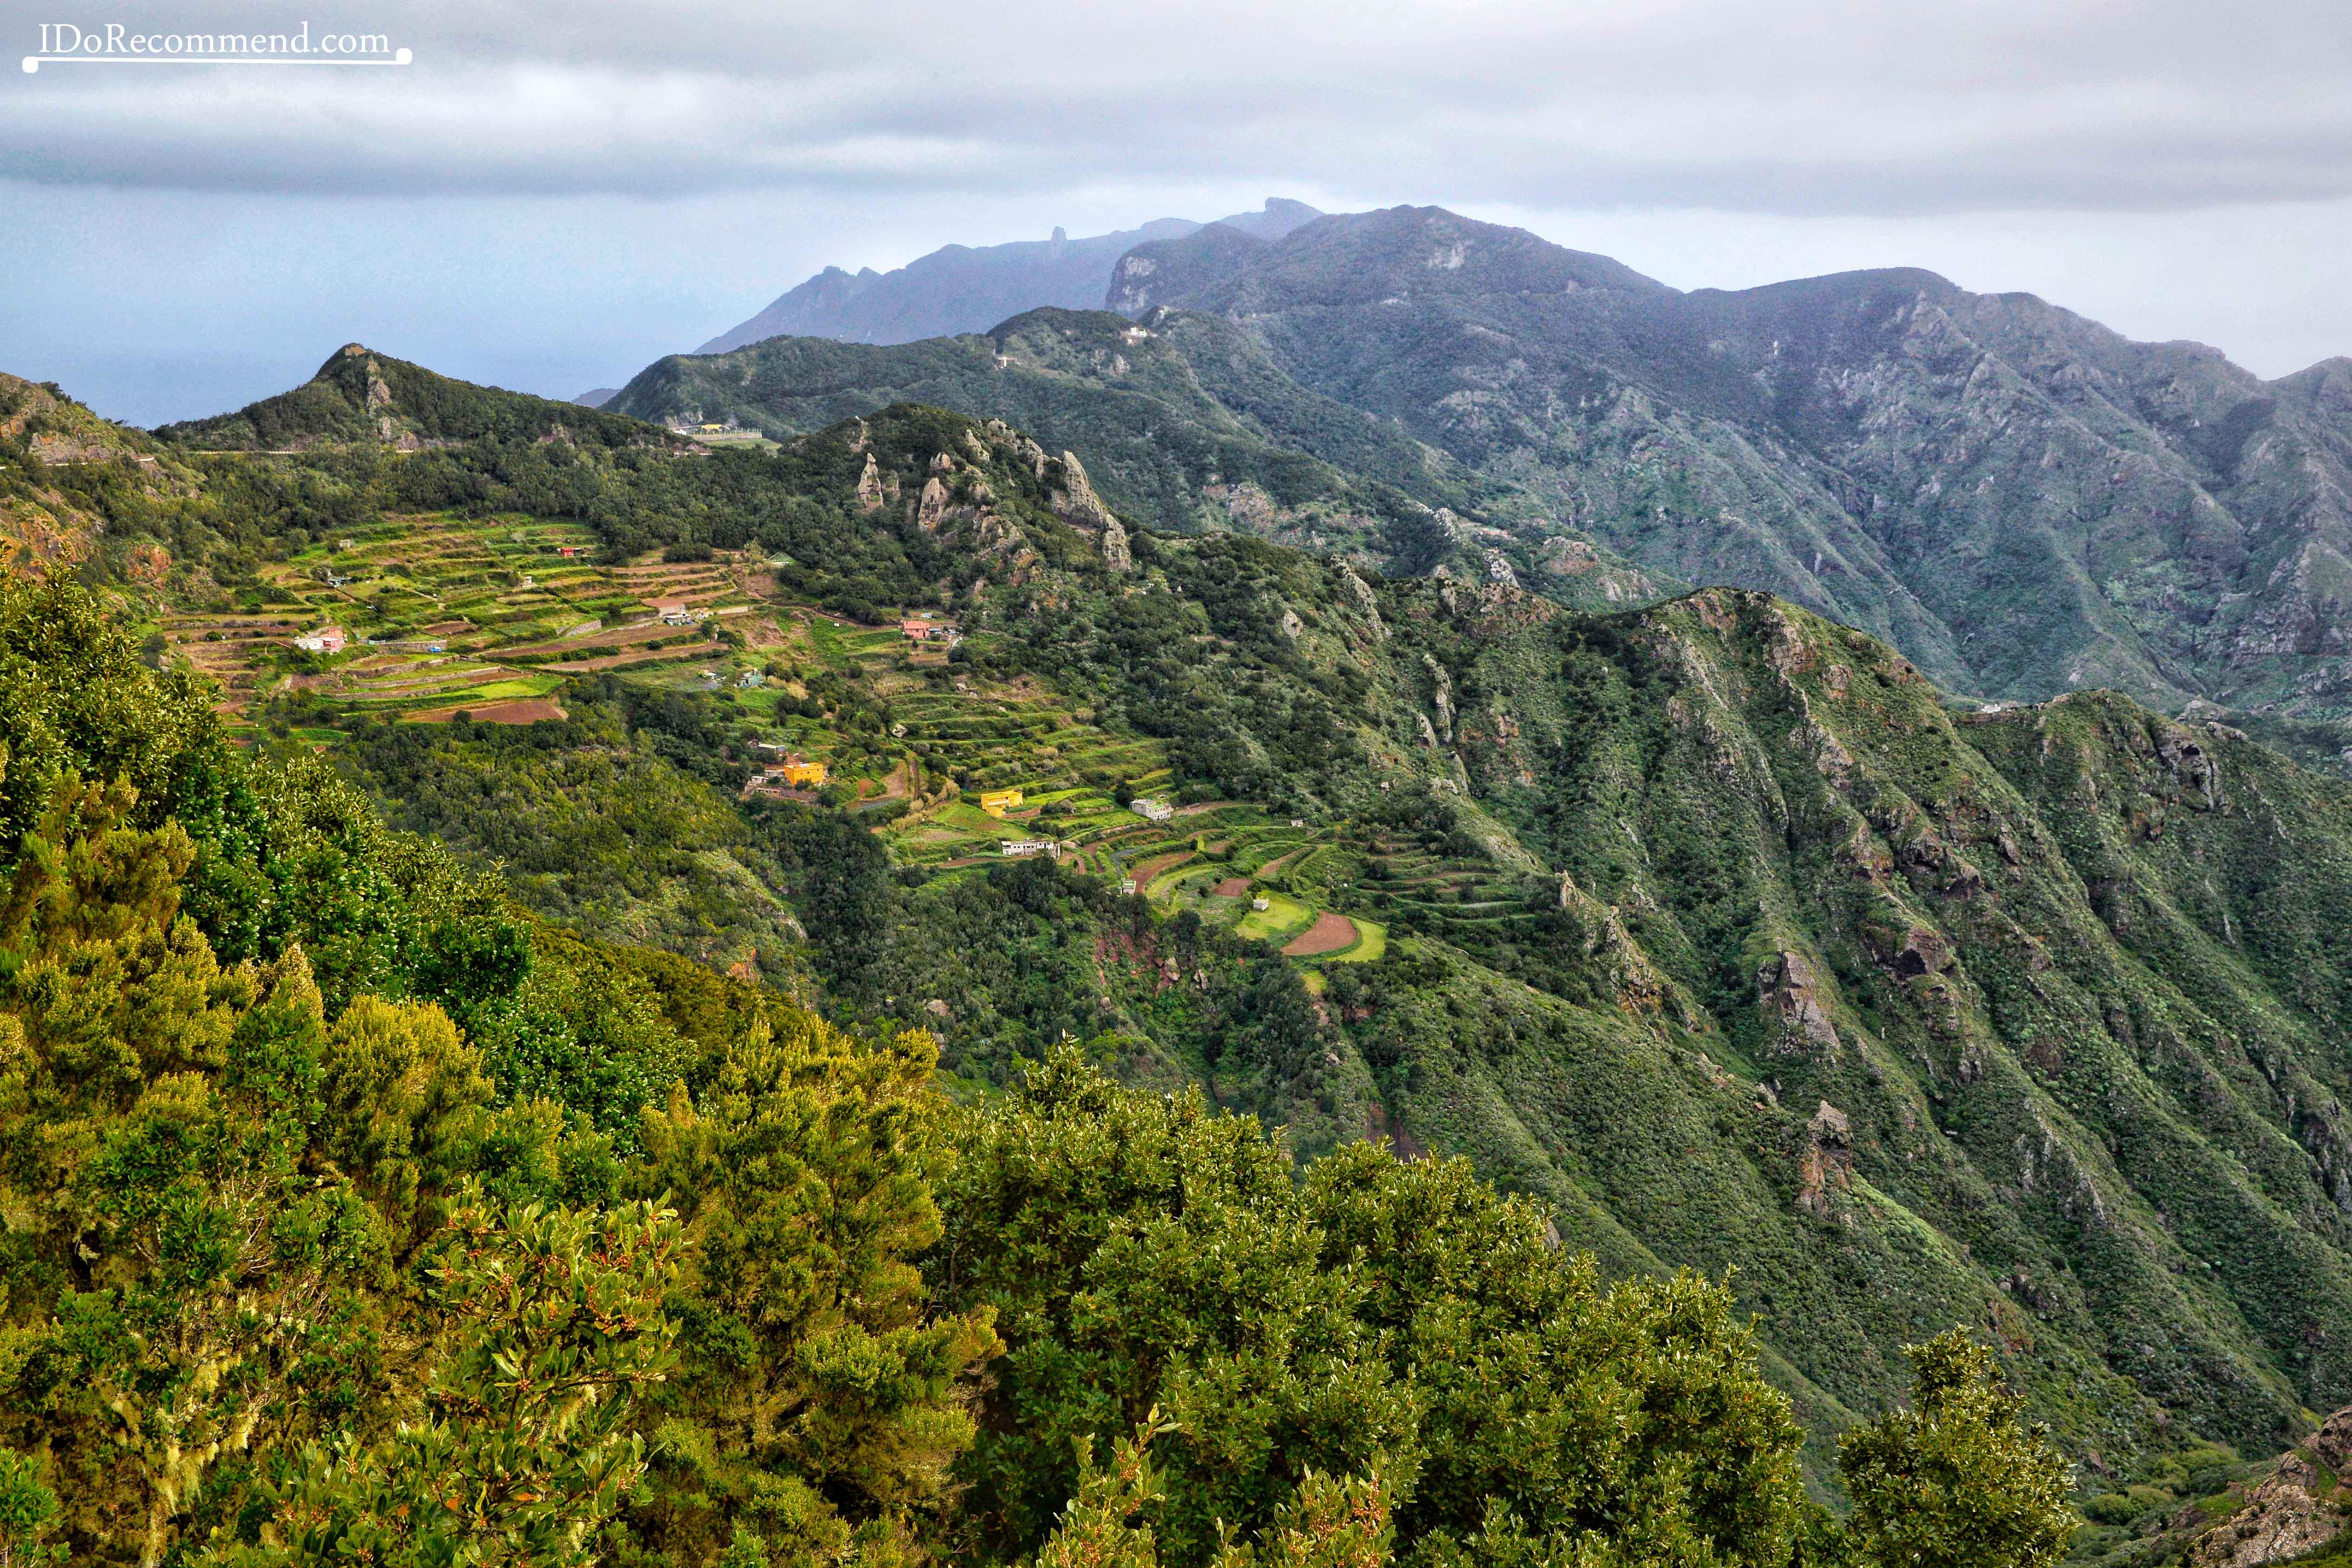 _IDoRecommend_Spain_Canary_Tenerife_Feb_Anaga_Park_Cabezo_Del_Viento_trail